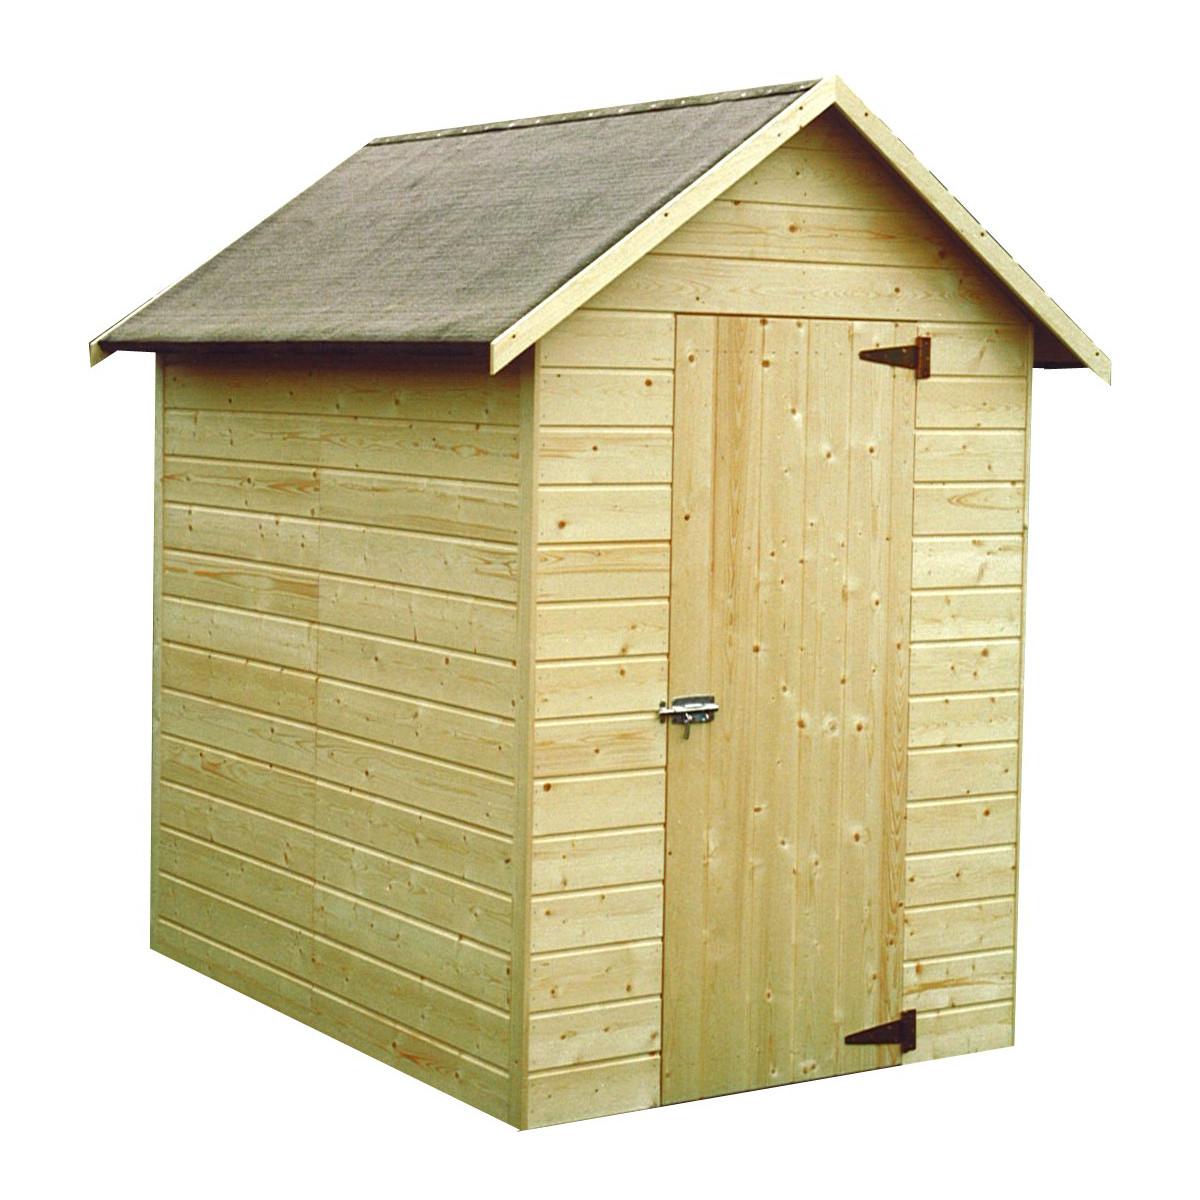 Petite cabane de jardin en bois pas cher for Cabane de jardin 5m2